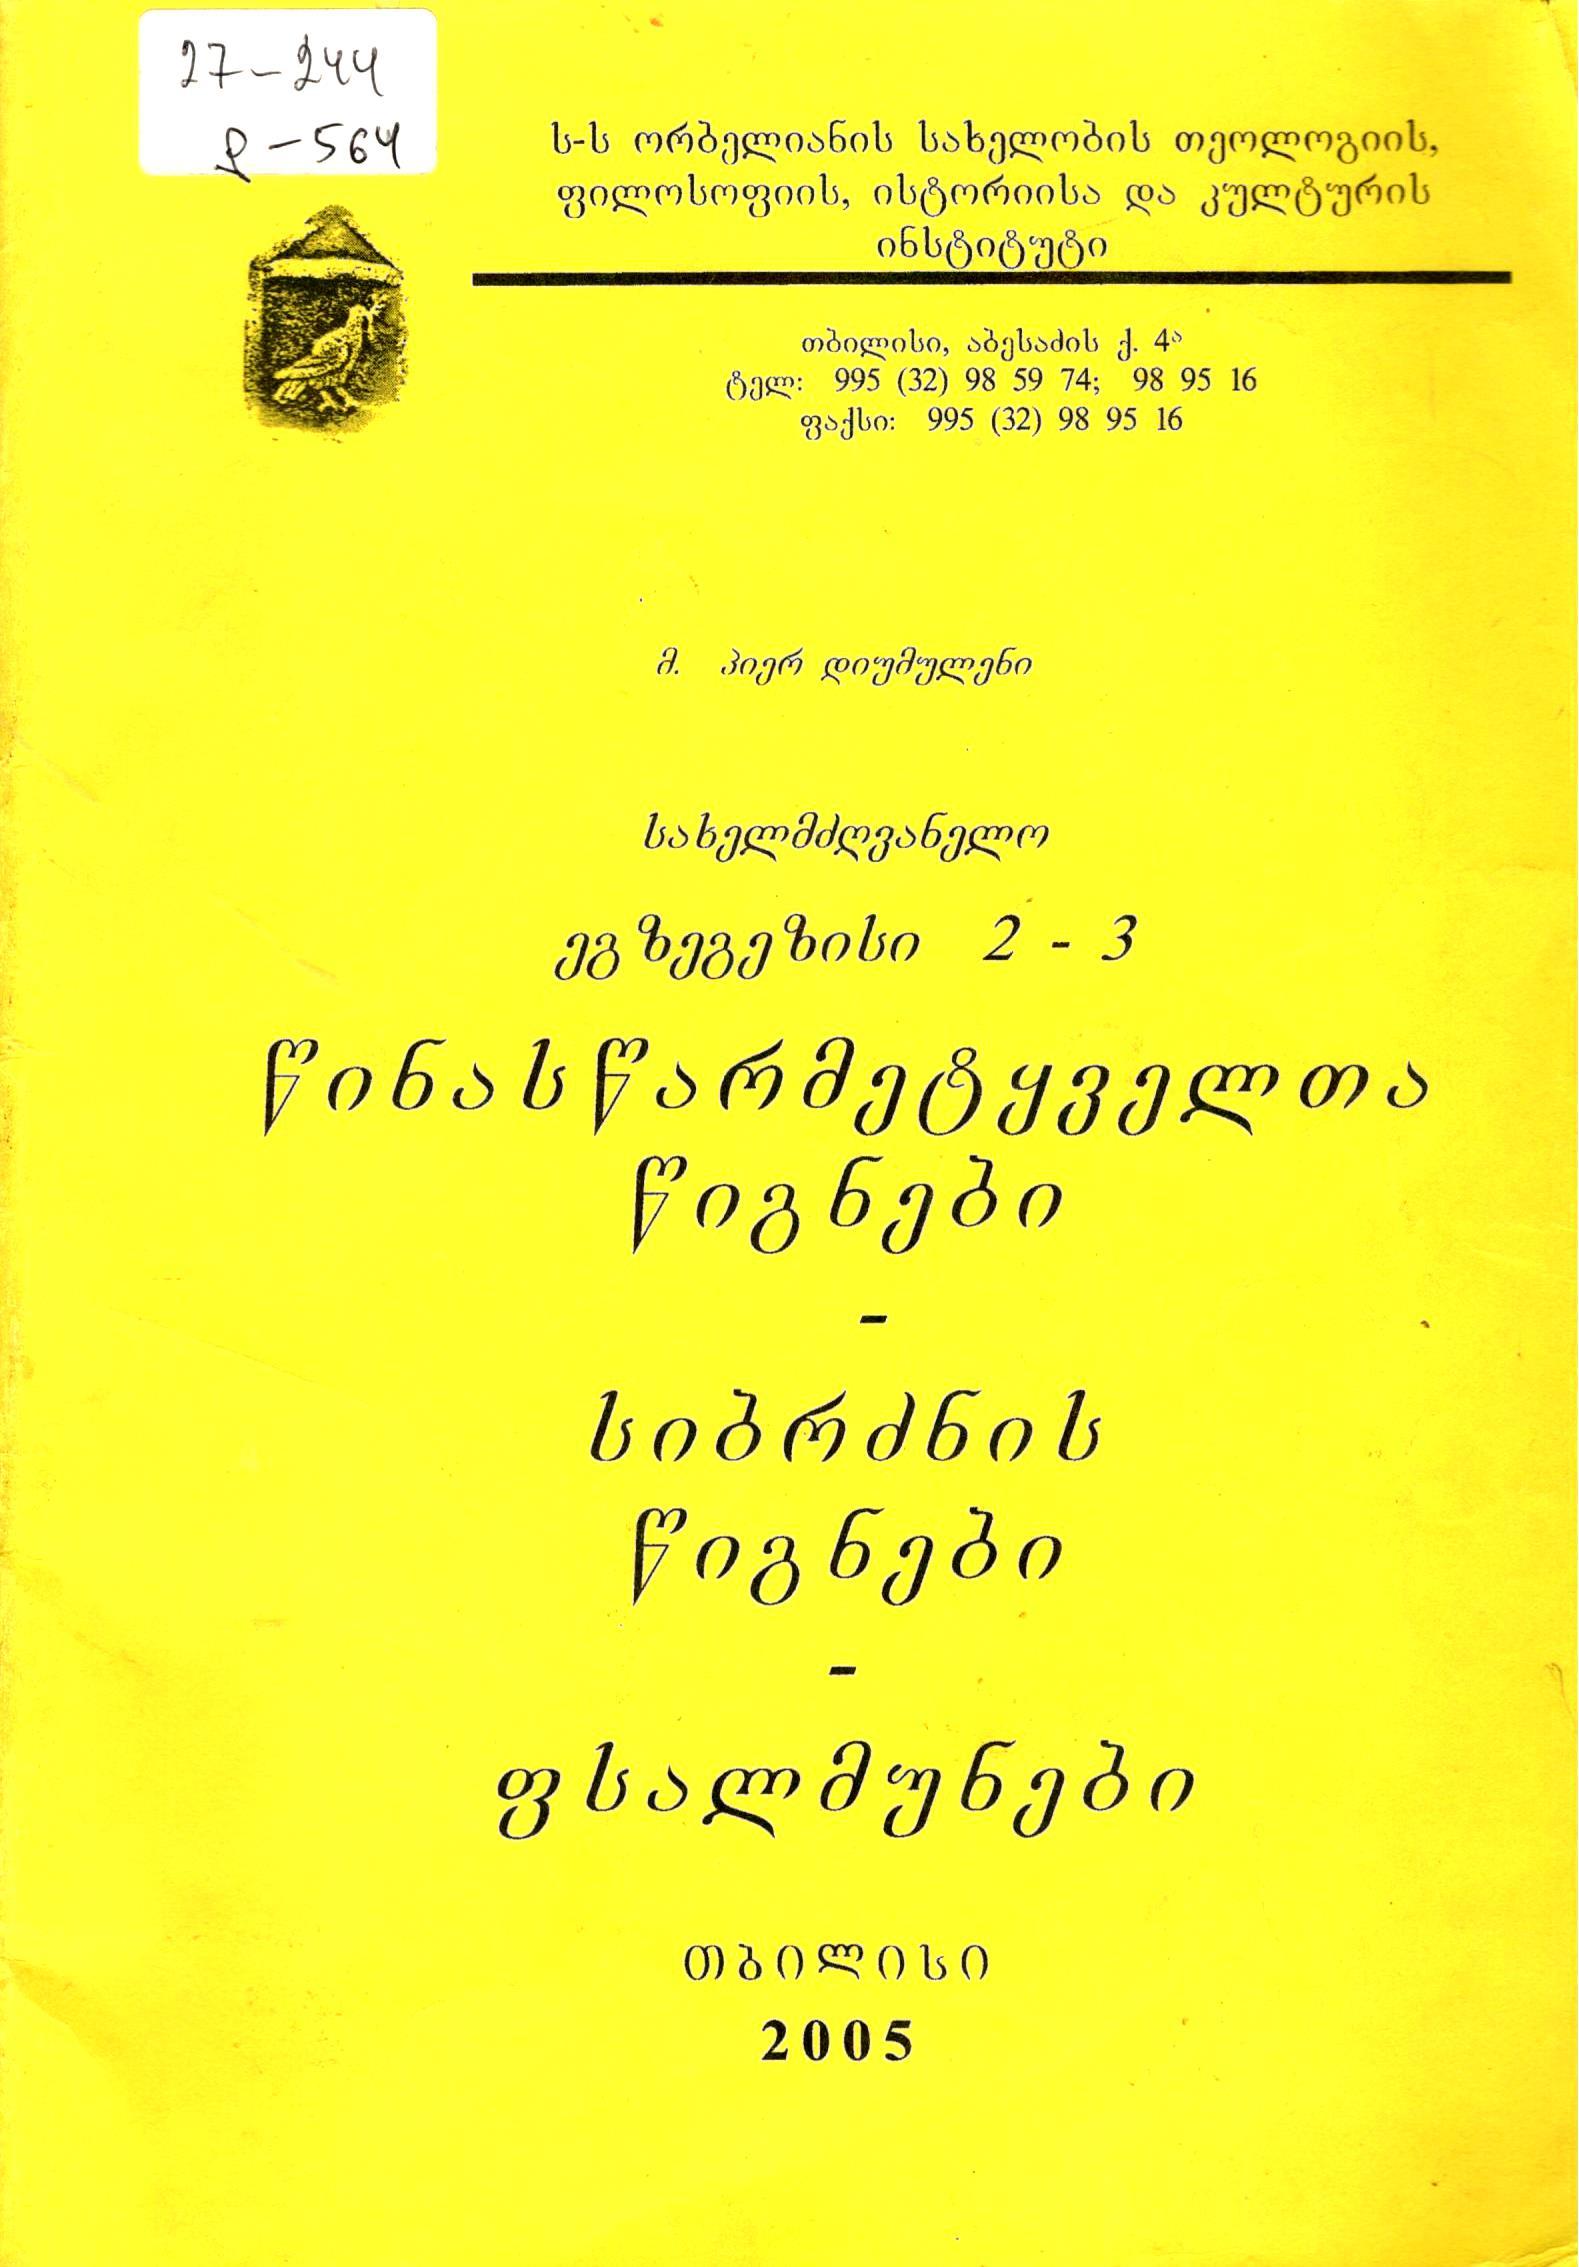 პიერ დიუმულენი - სახელმძღვანელო ეგზეგეზისი 2-3; წინასწარმეტყველთა წიგნები, სიბრძნის წიგნები, ფსალმუნები.